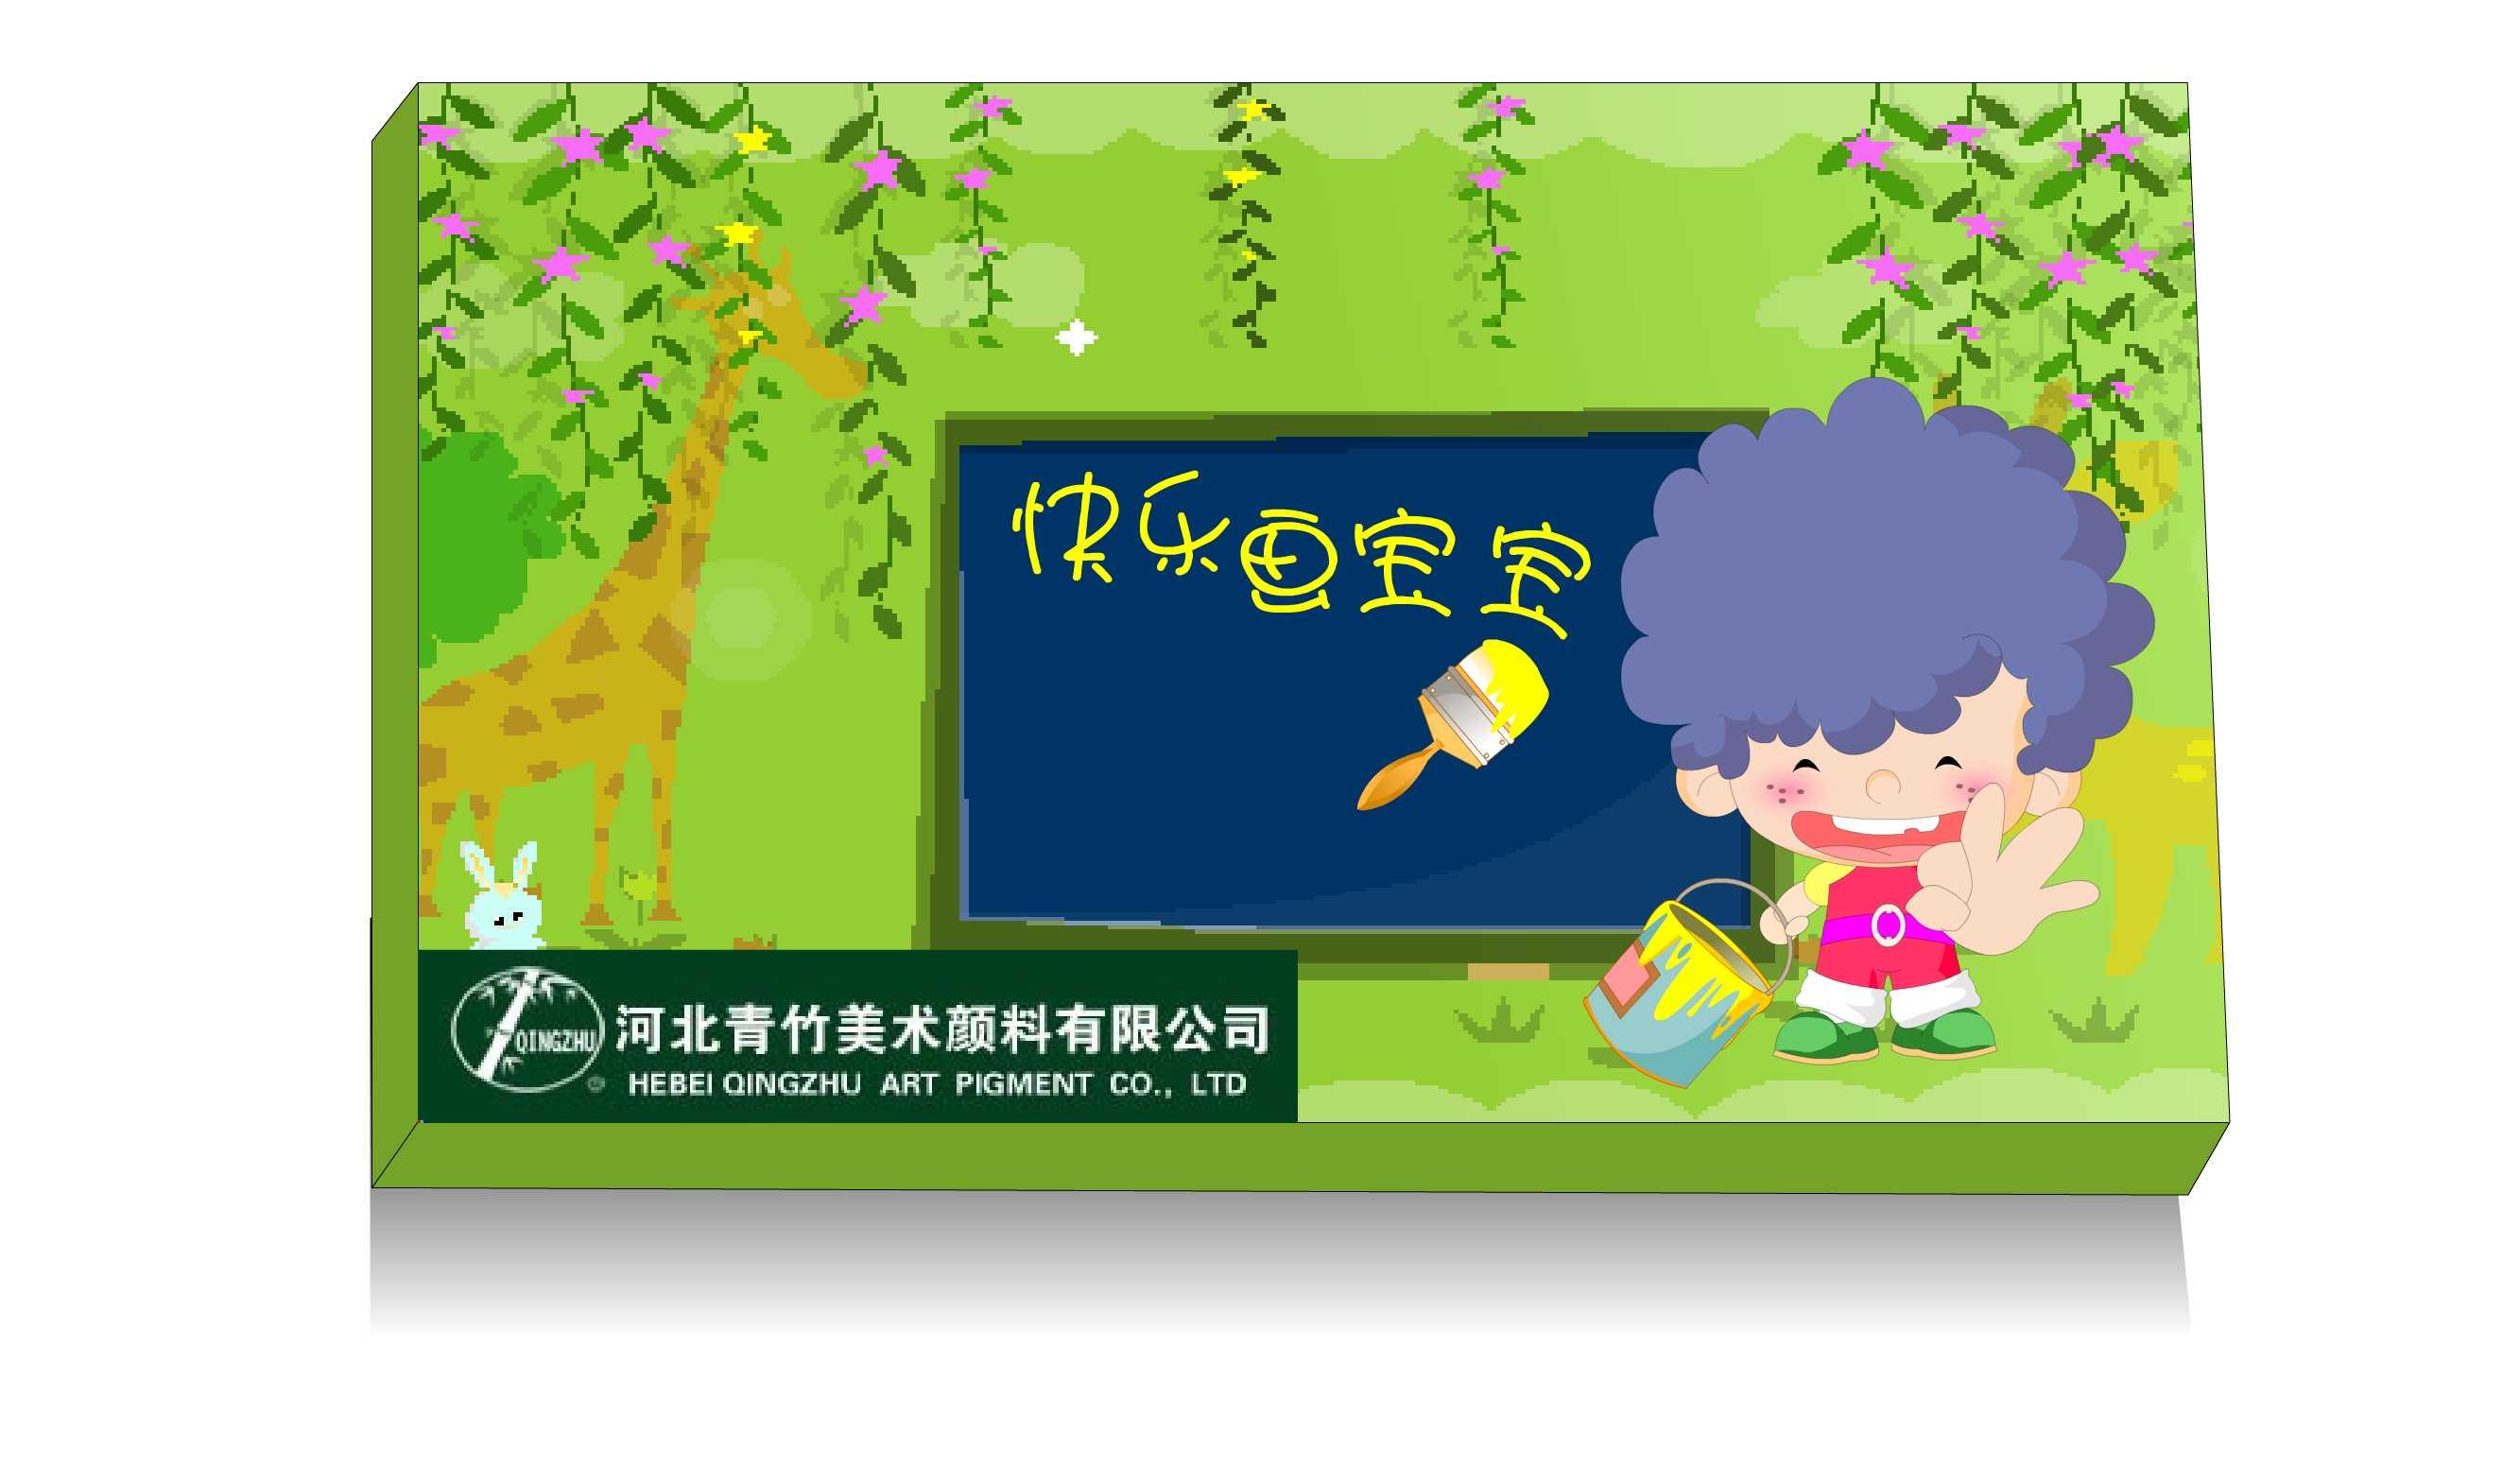 现金青竹美术颜料有限公司油画棒包装设计